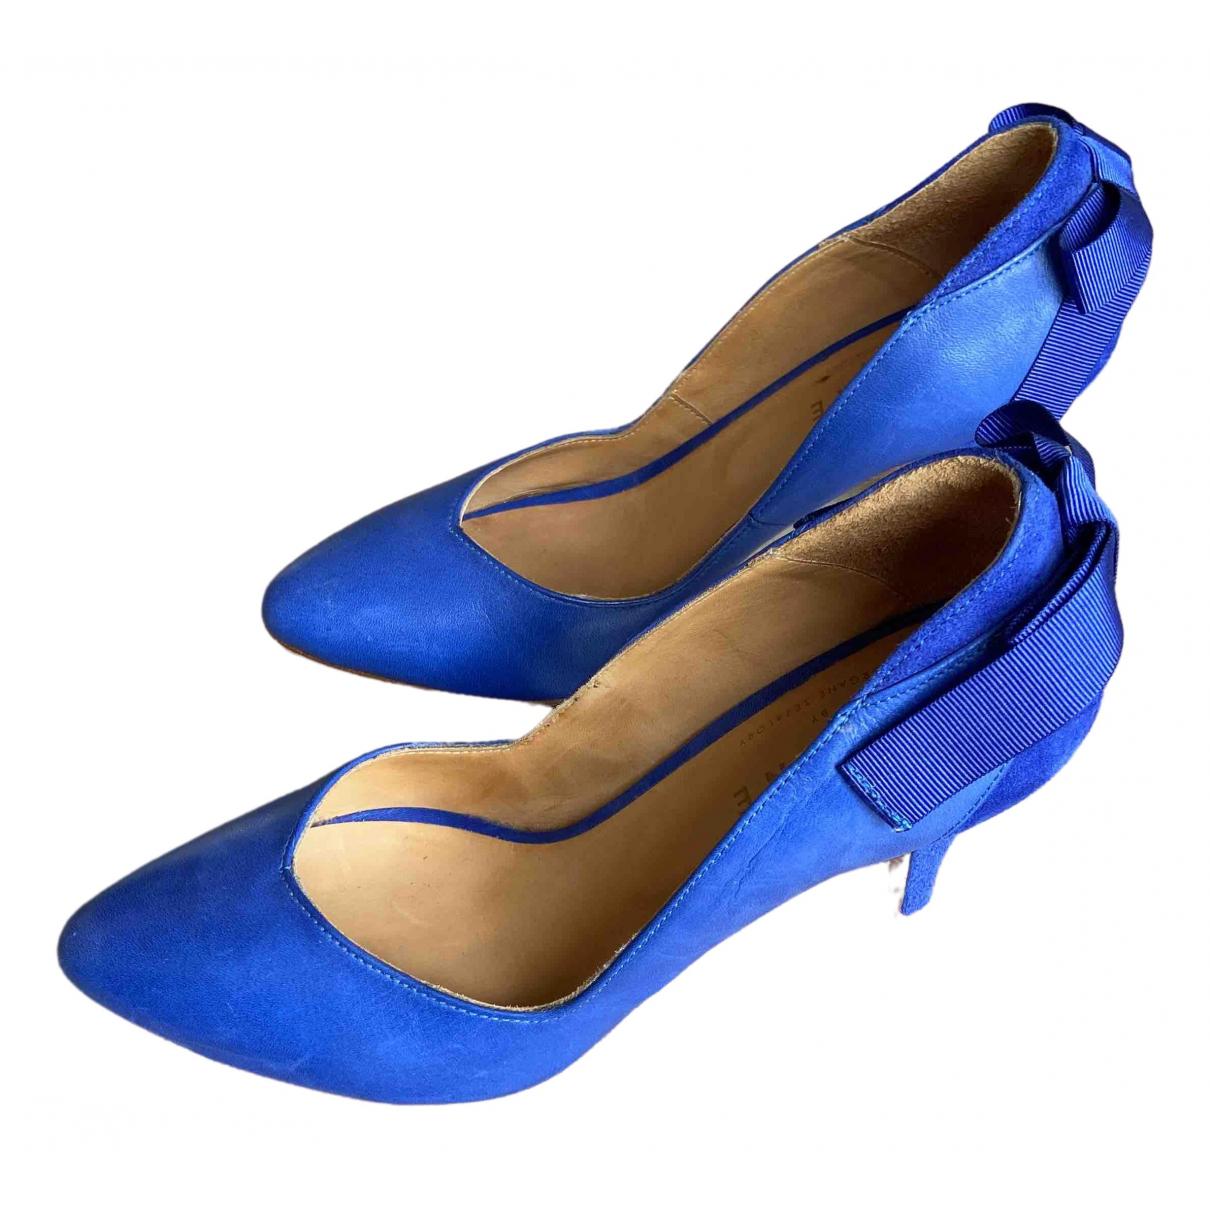 Sezane \N Pumps in  Blau Leder